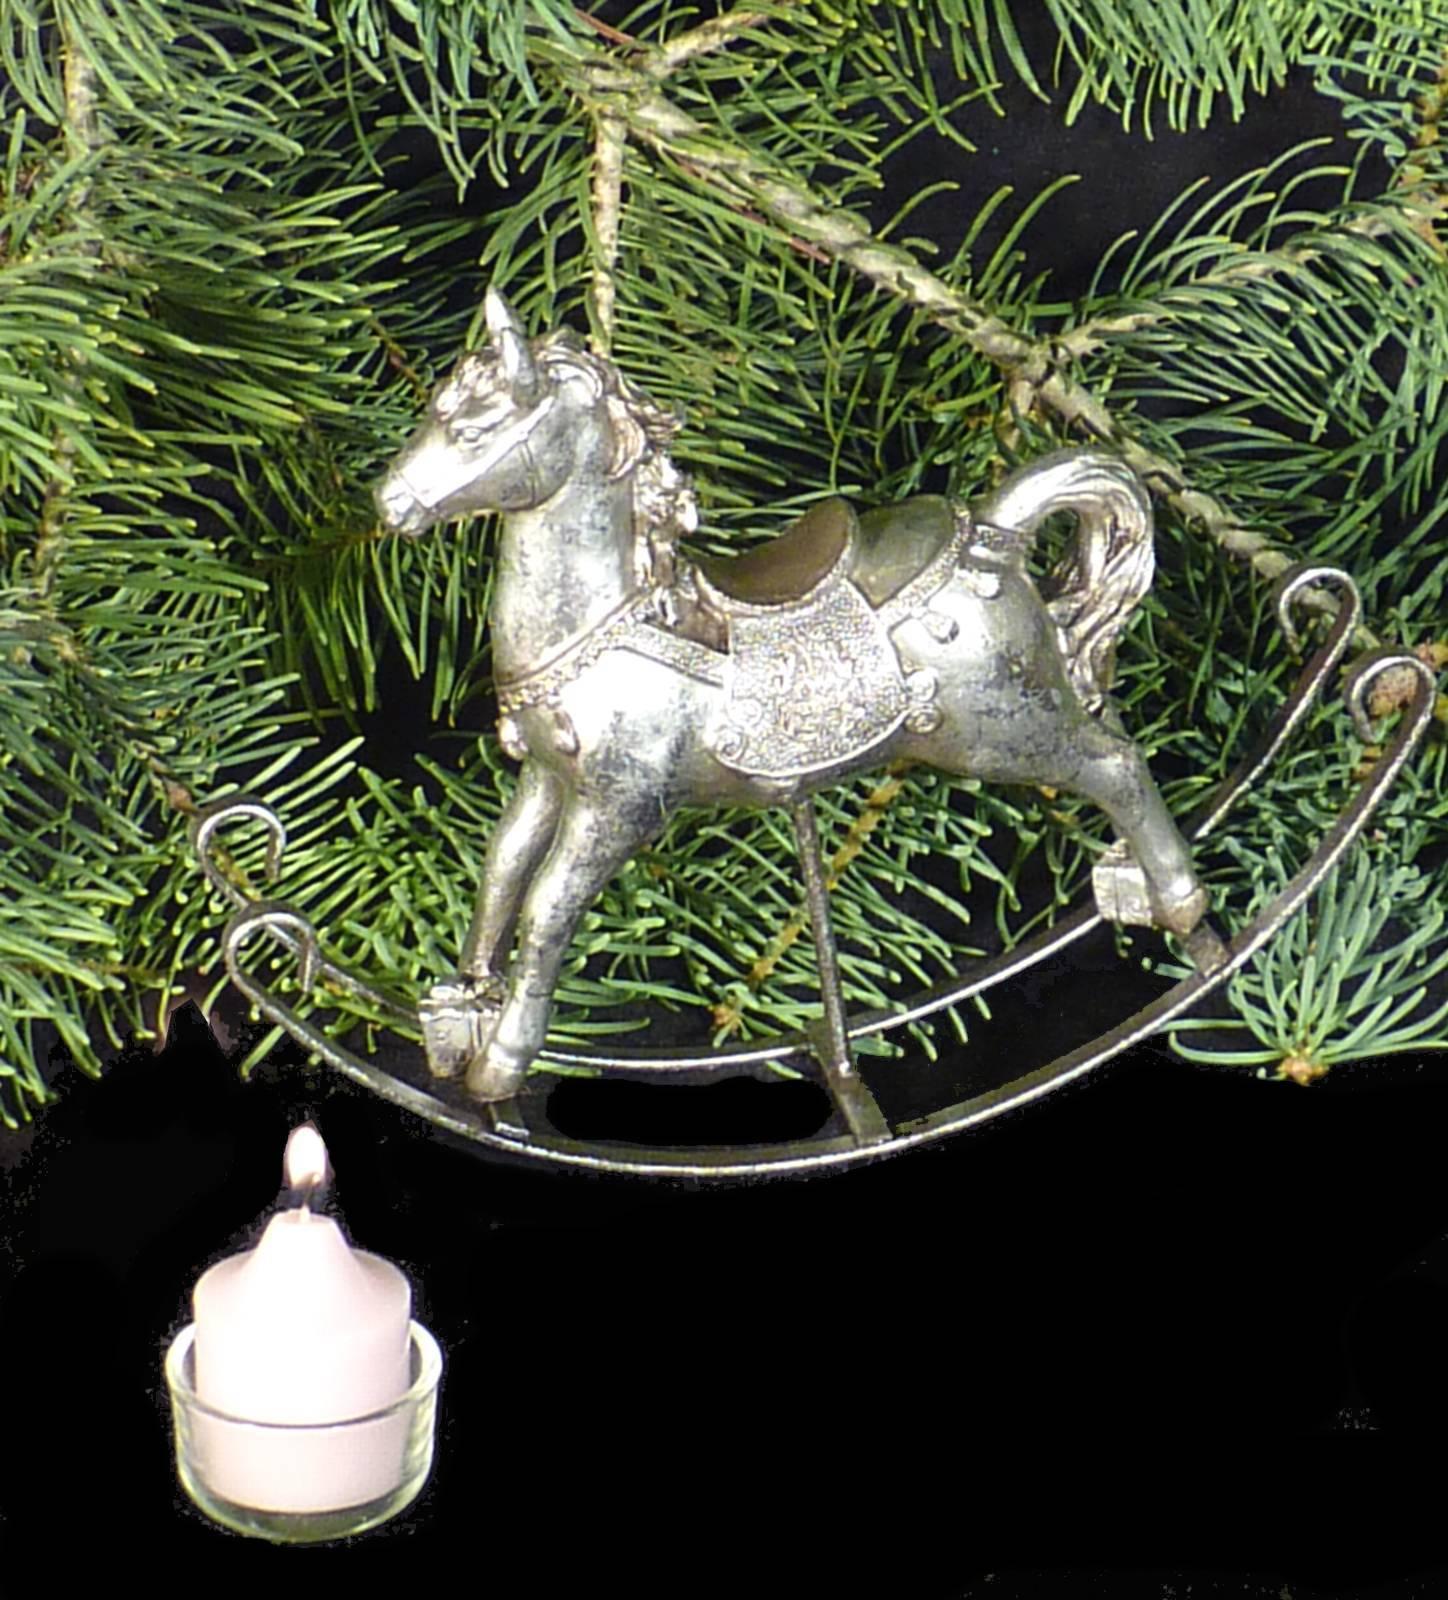 nostalgie schaukelpferd pferd deko figur silber vintage. Black Bedroom Furniture Sets. Home Design Ideas